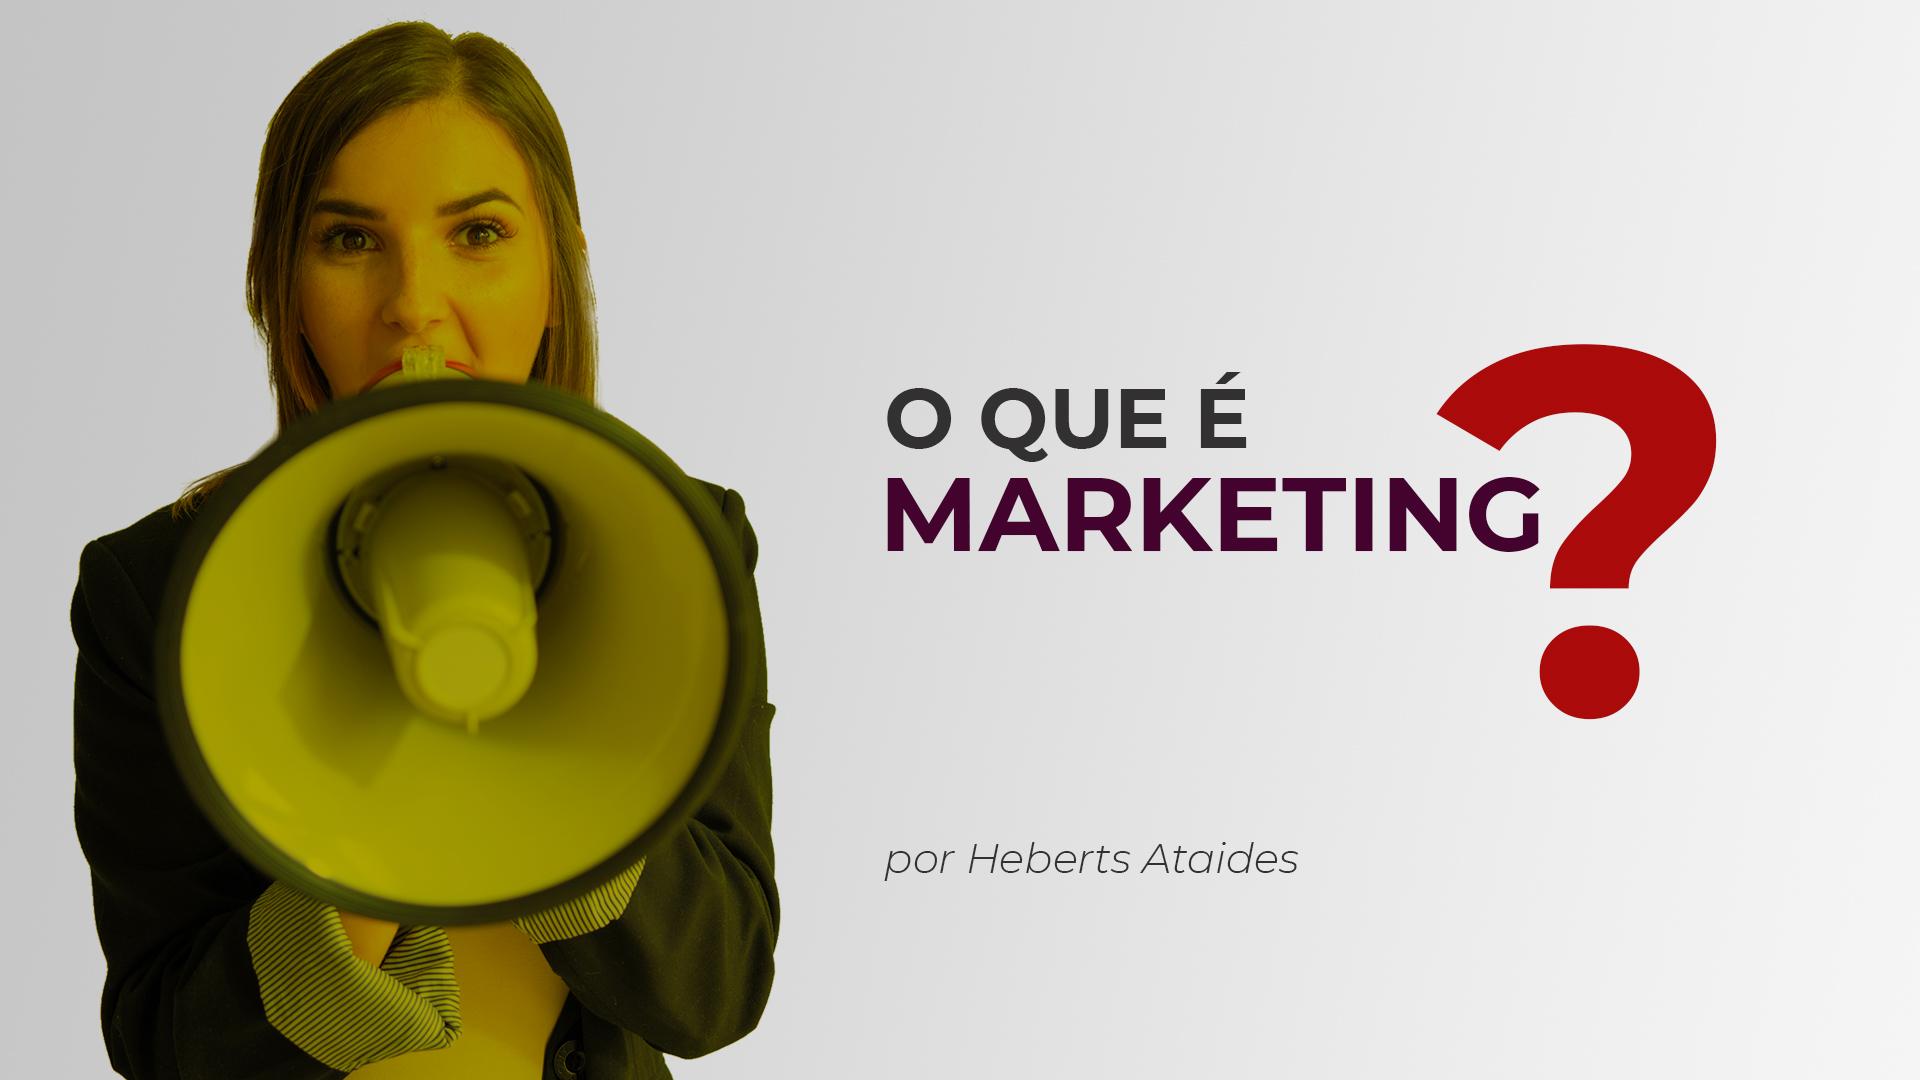 O que é Marketing? Por Heberts da Costa Ataides.